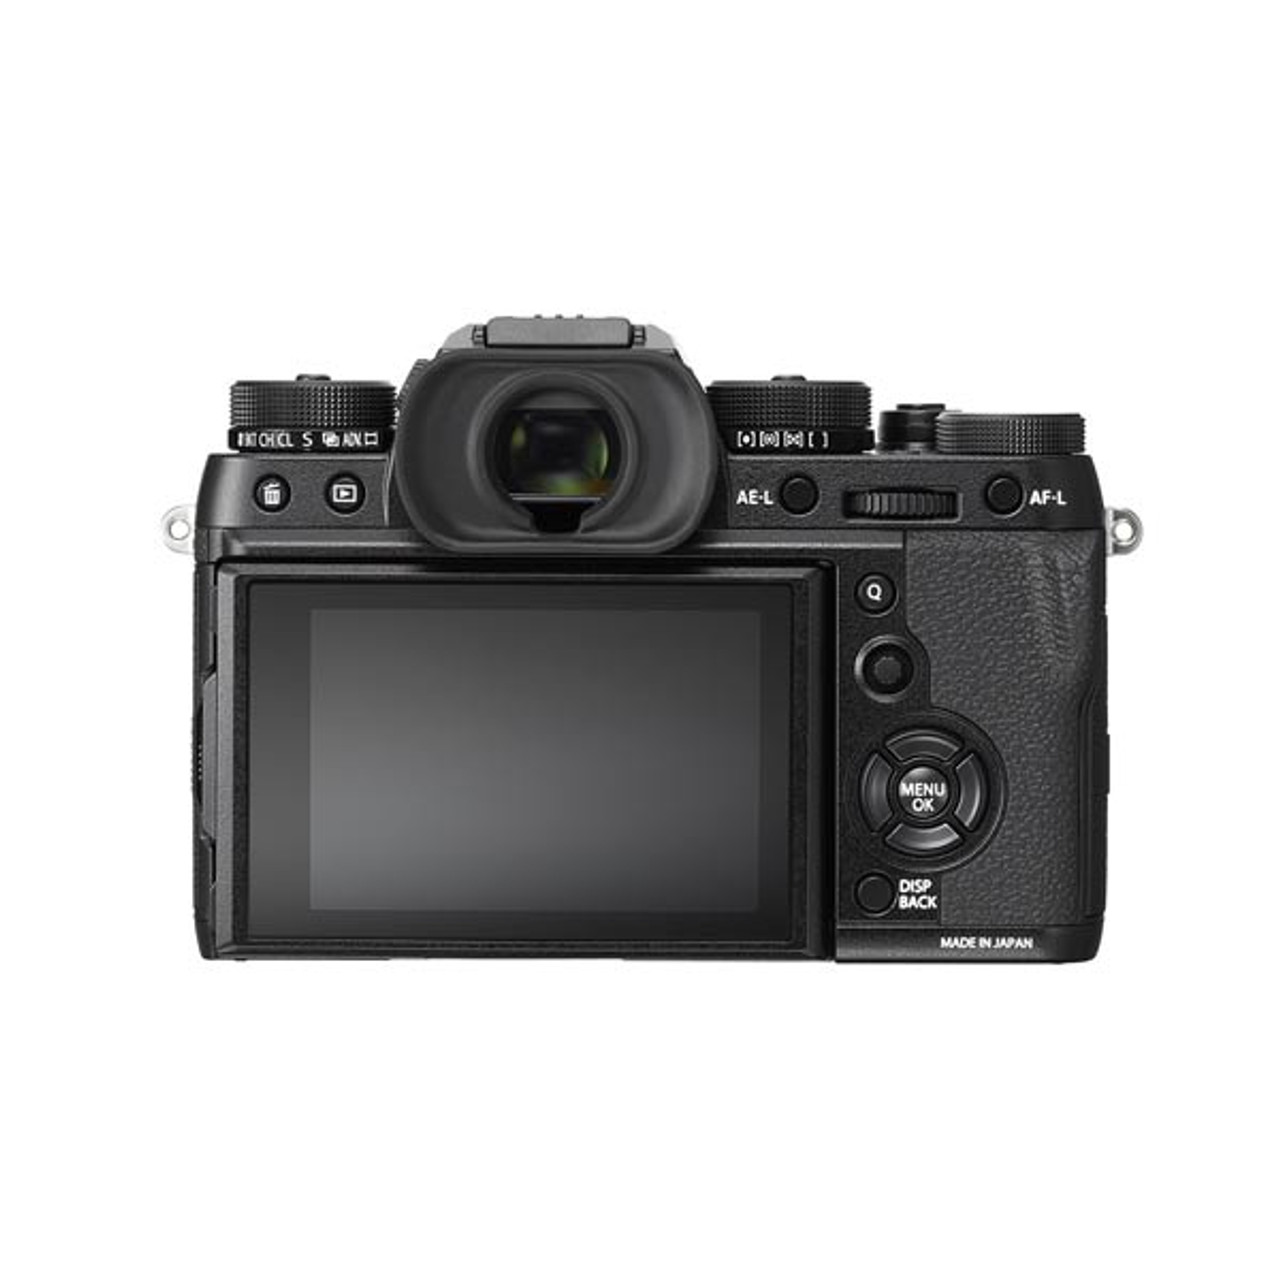 Fujifilm X-T2 18-55mm F2.8-4 Kit Black